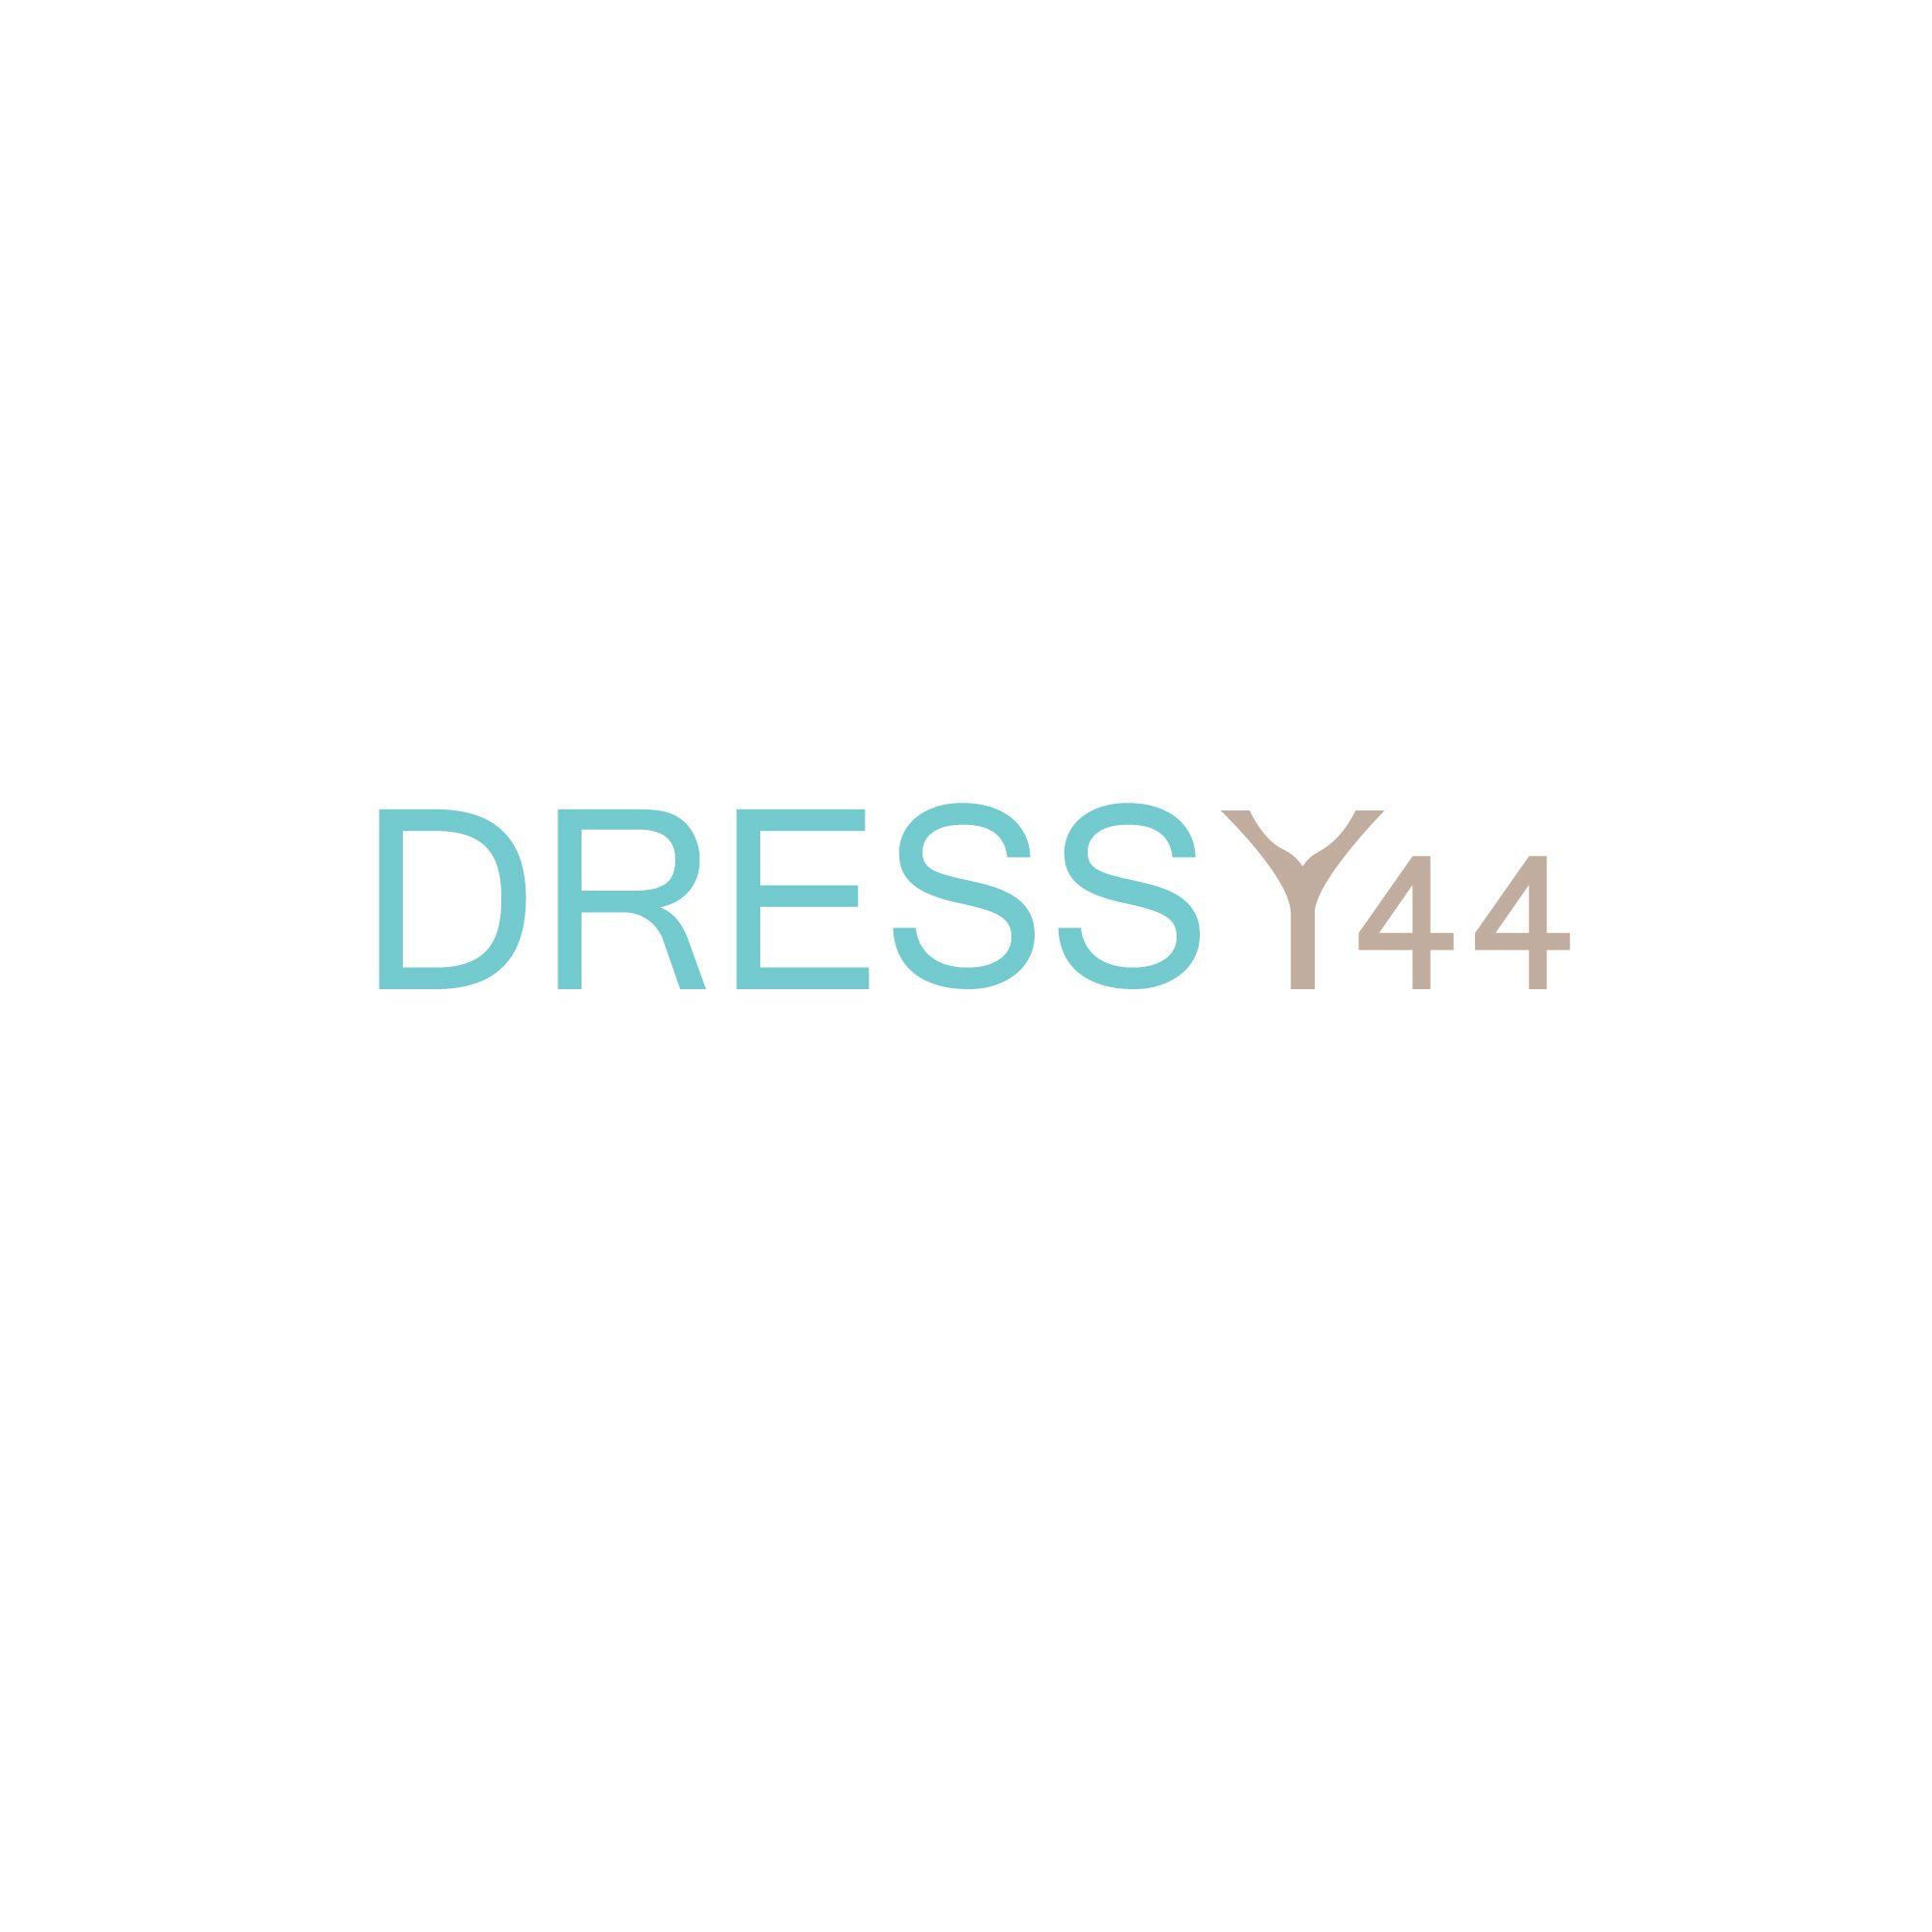 разработка логотипа _производство платьев - дизайнер kirpichka